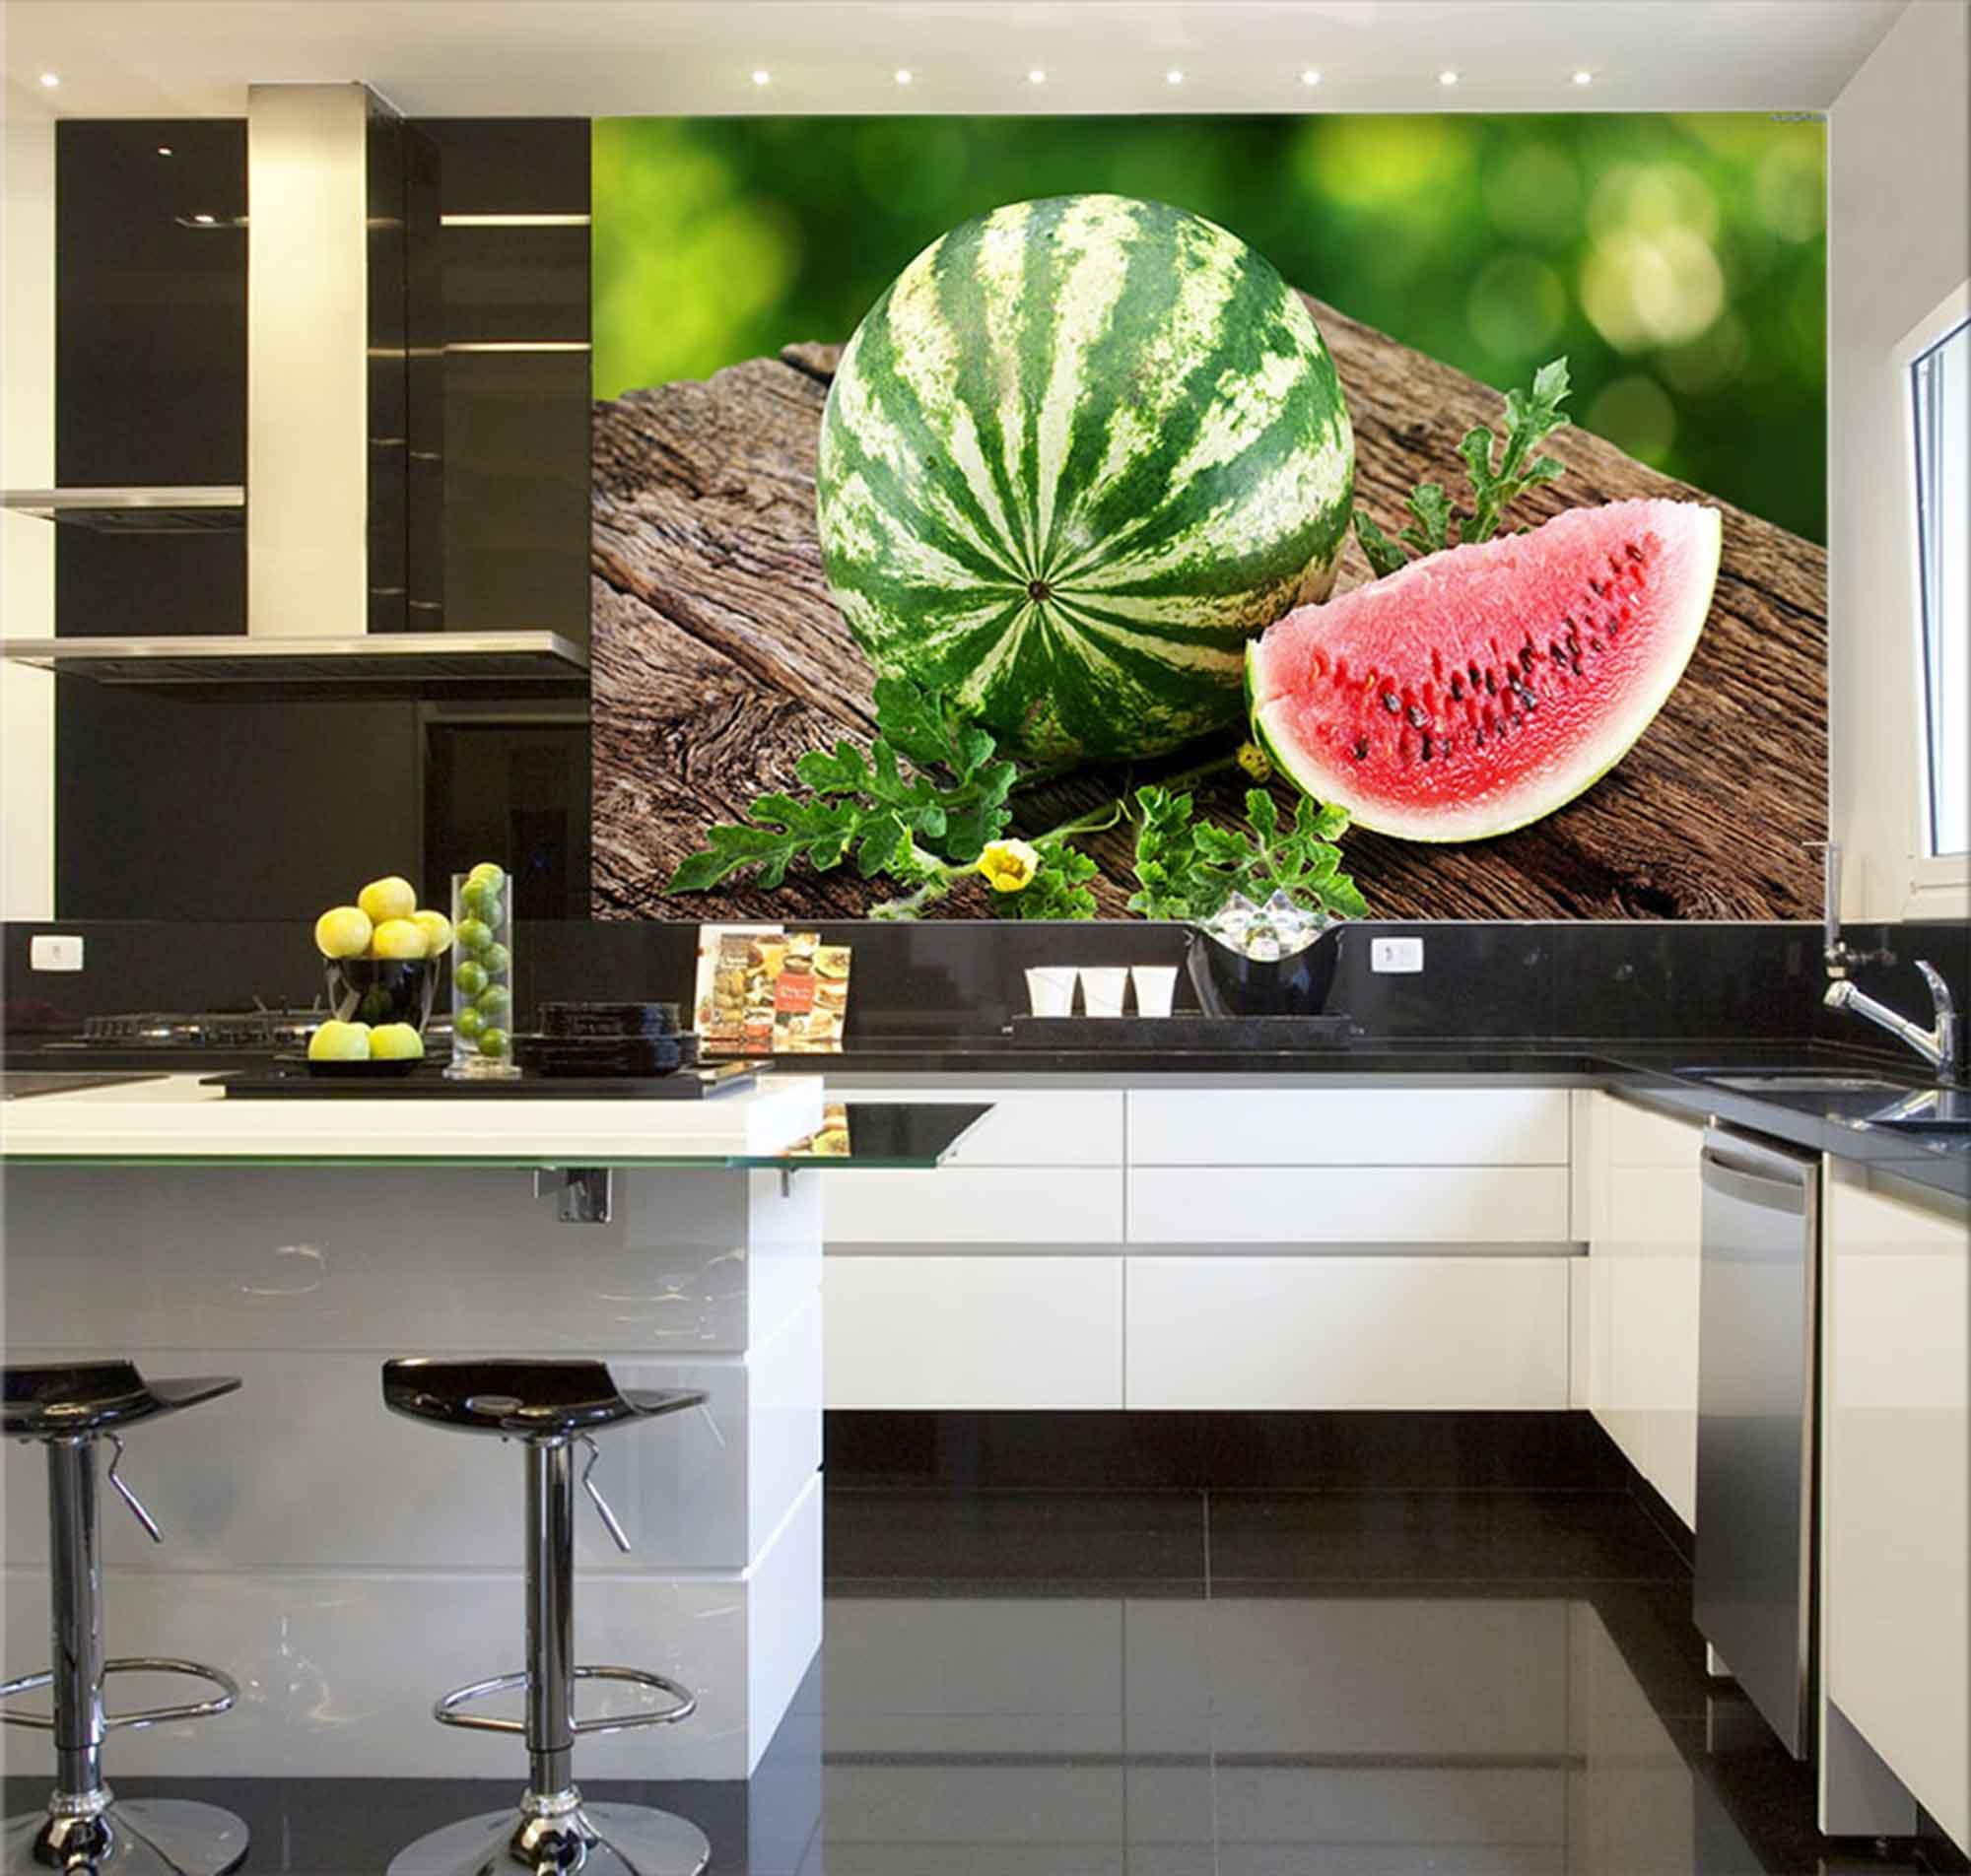 Papel De Parede Para Cozinha 0009 - Sobmedida: m²